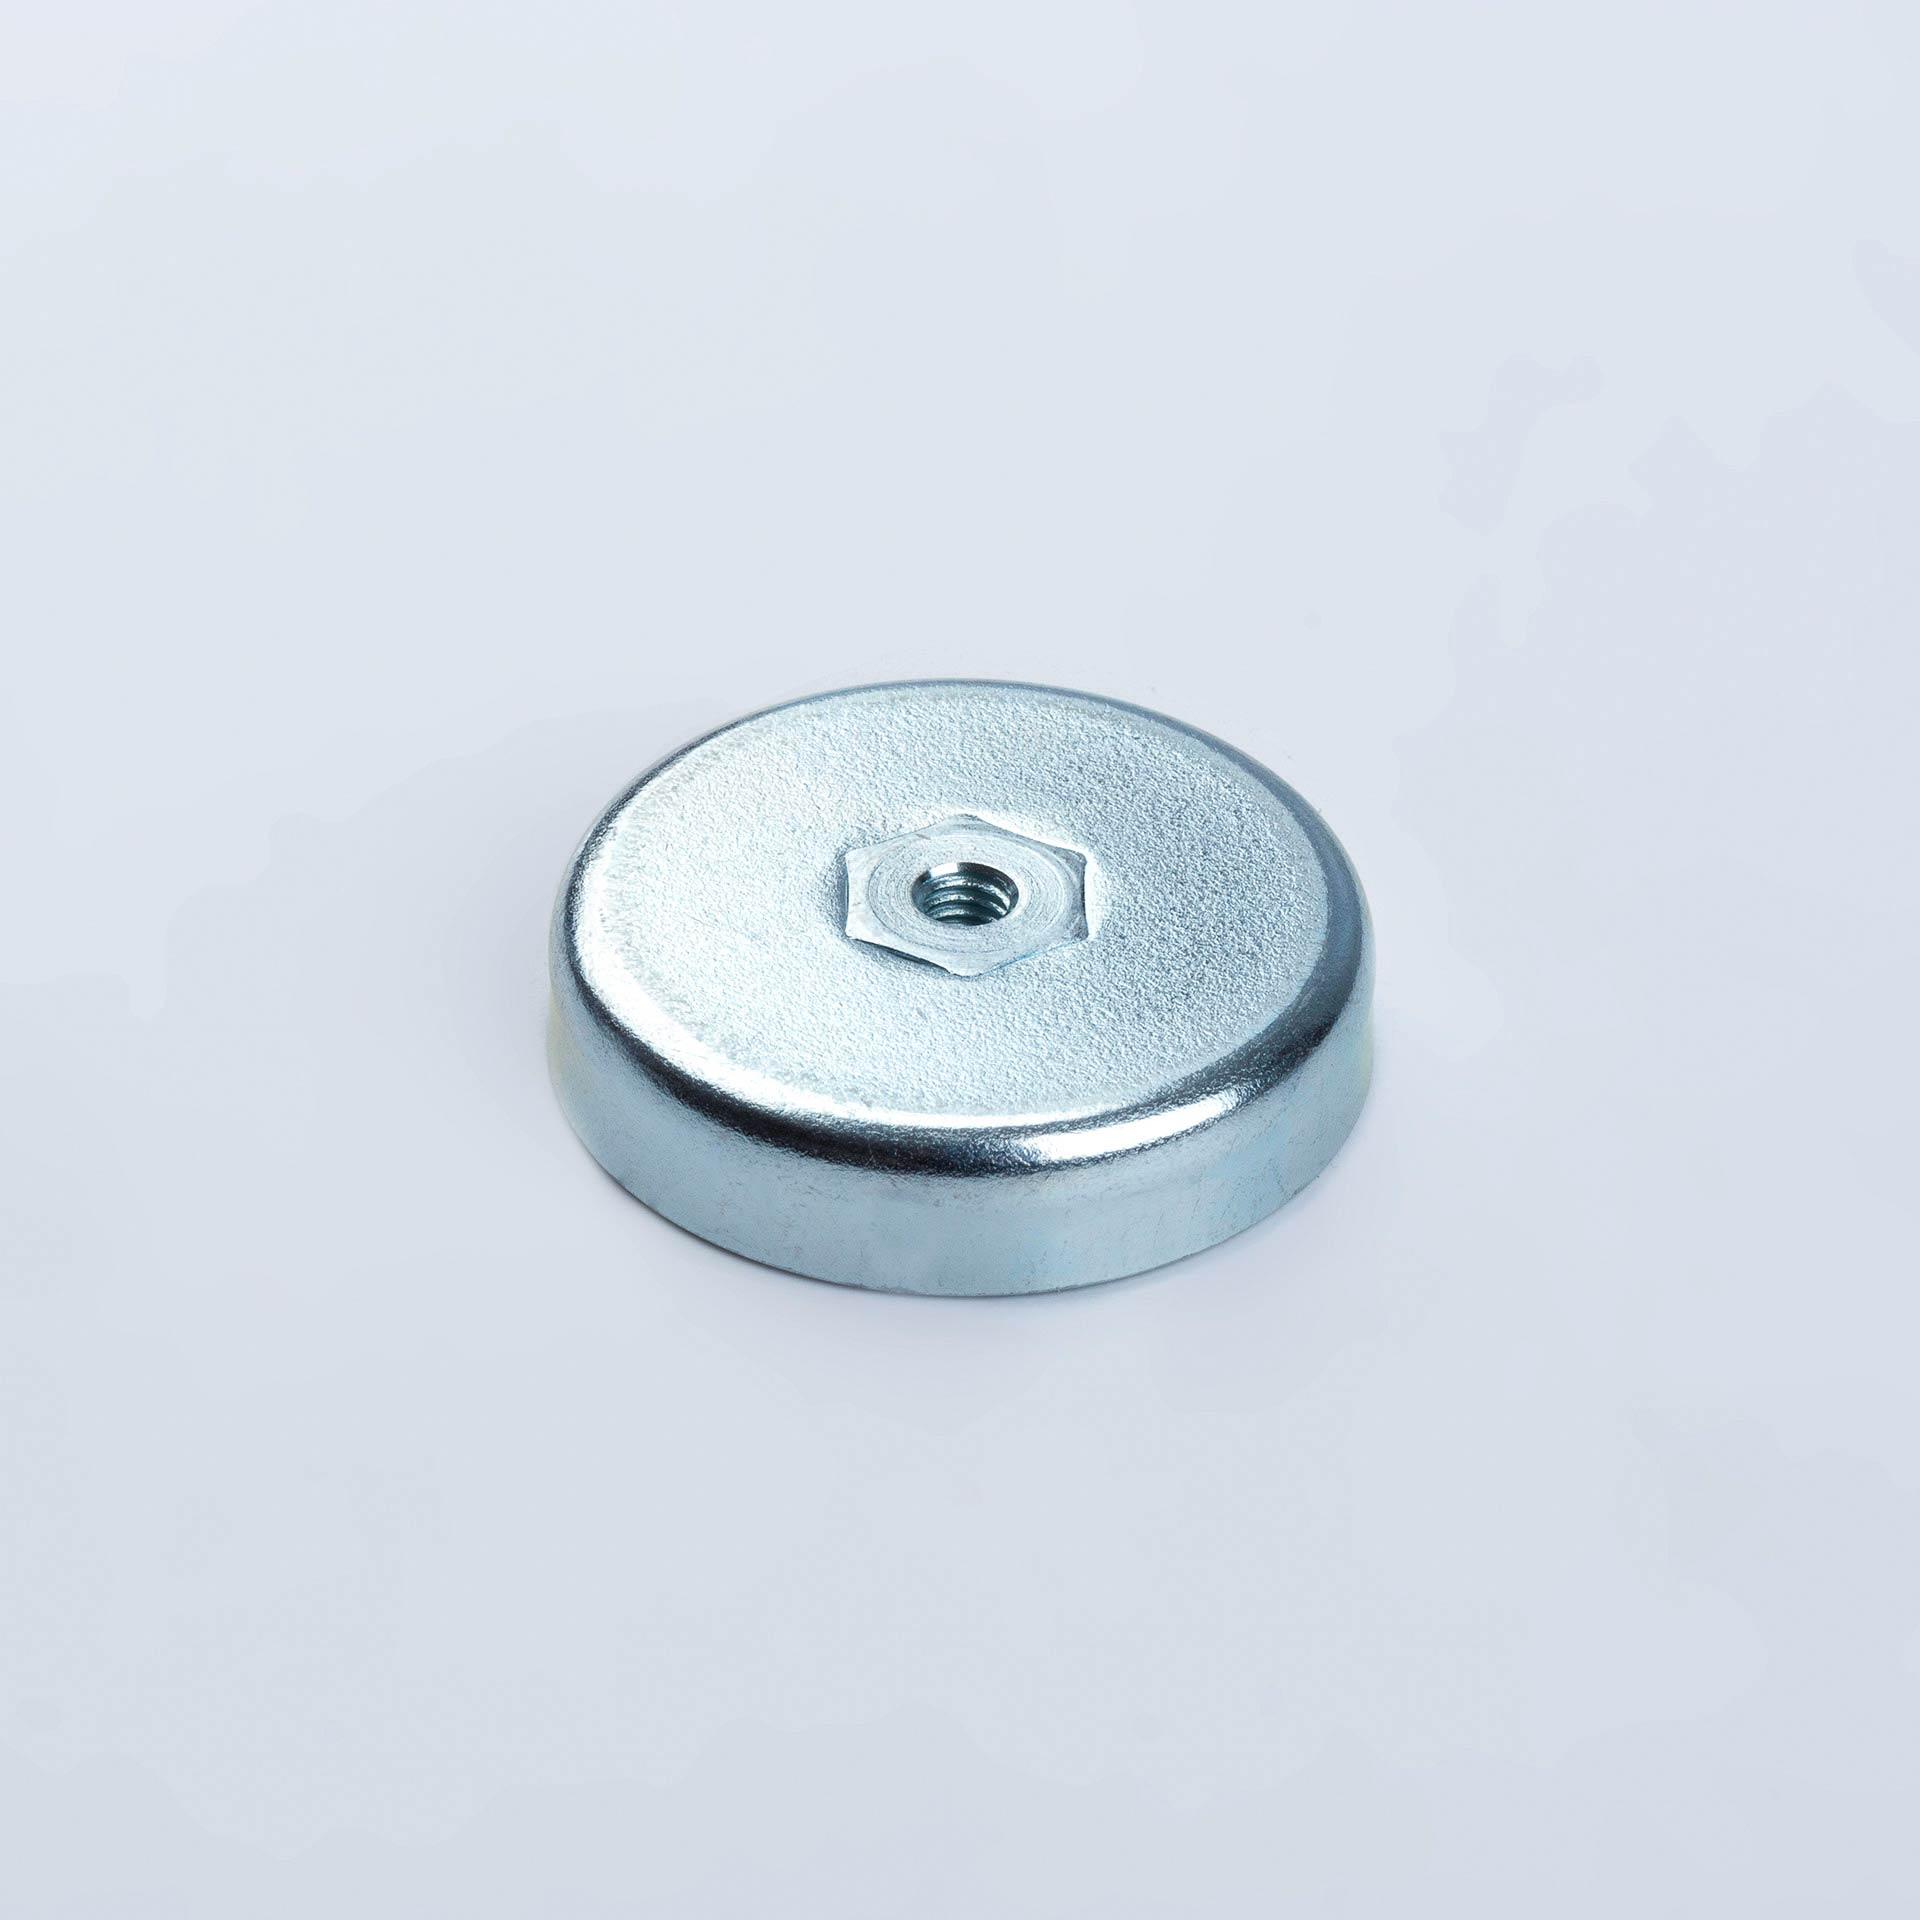 Flachgreifer aus Hartferrit, mit Innengewinde, verzinkt, thyssenkrupp Magnettechnik